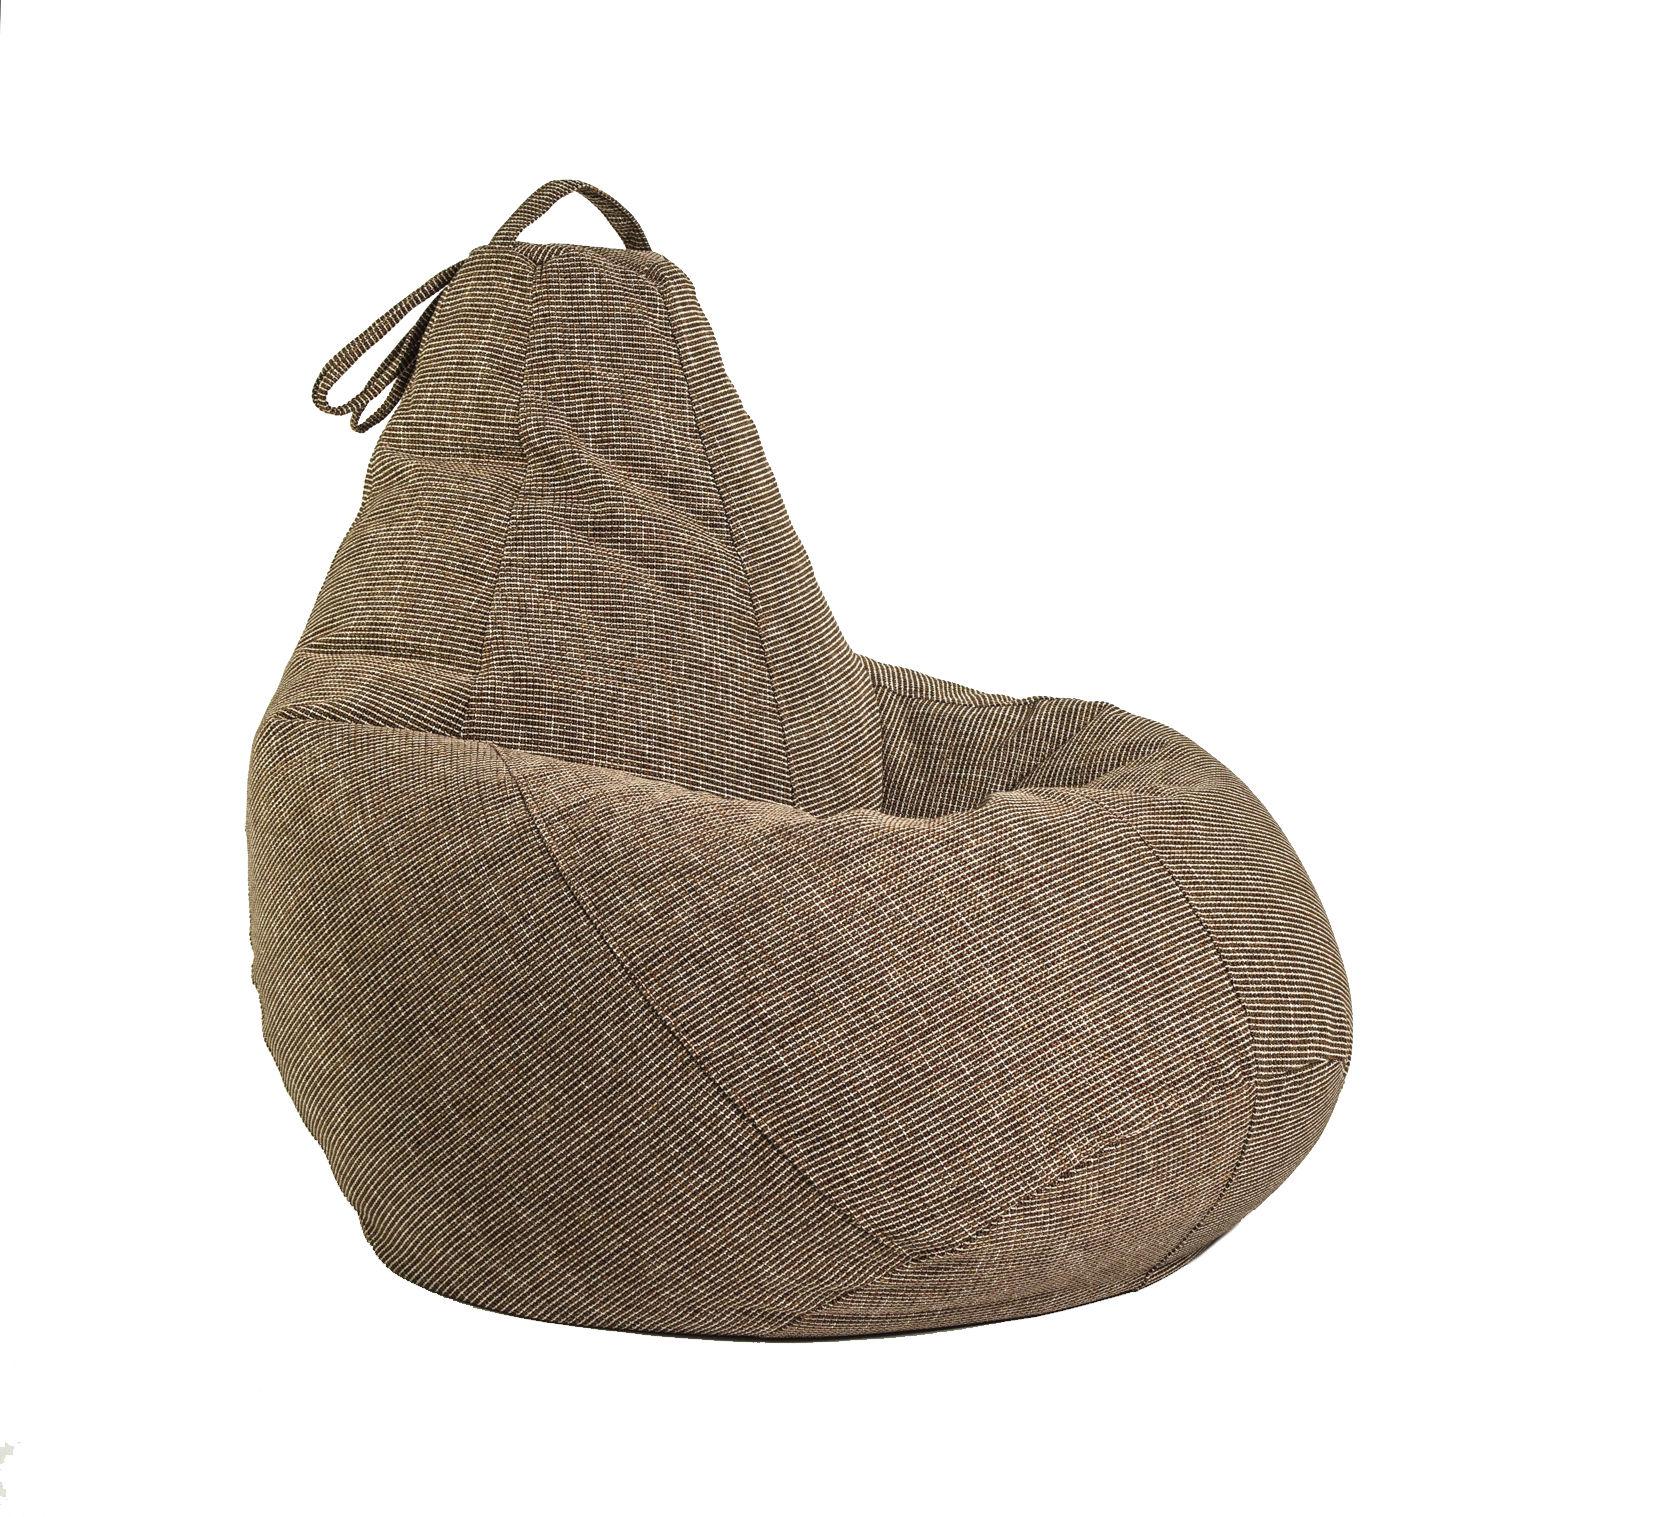 Кресло-мешок Boss Кресла-мешки<br>&amp;lt;div&amp;gt;Бескаркасное кресло-мешок Boss - это кресло большого размера, которое хорошо поддерживает спину и плечи. Это делает кресло удобным для отдыха. Ткань - рогожка с разными нитями. Внешне рогожка выглядит грубой, но одновременное использование нитей разной фактуры и размера делает полотно естественным и приятным но ощупь. Прочность ткани 30 000 циклов по Мартиндейлу, что подходит даже для коммерческого использования. Внешний чехол снимается для чистки или стирки в деликатном режиме. Внутренний чехол влагонепроницаемый. Фирменный наполнитель с гарантией 1 год. &amp;amp;nbsp; &amp;amp;nbsp; &amp;amp;nbsp; &amp;amp;nbsp; &amp;amp;nbsp; &amp;amp;nbsp; &amp;amp;nbsp; &amp;amp;nbsp; &amp;amp;nbsp; &amp;amp;nbsp; &amp;amp;nbsp;&amp;amp;nbsp;&amp;lt;/div&amp;gt;&amp;lt;div&amp;gt;&amp;lt;br&amp;gt;&amp;lt;/div&amp;gt;&amp;lt;div&amp;gt;Описание&amp;lt;/div&amp;gt;&amp;lt;div&amp;gt;Высота кресла............................150 см&amp;lt;/div&amp;gt;&amp;lt;div&amp;gt;Диаметр кресла...........................95 см&amp;lt;/div&amp;gt;&amp;lt;div&amp;gt;Высота посадки............................50 см&amp;lt;/div&amp;gt;&amp;lt;div&amp;gt;Объем наполнения....................0,35 м3&amp;lt;/div&amp;gt;&amp;lt;div&amp;gt;Нагрузка (max).............................250 кг&amp;lt;/div&amp;gt;&amp;lt;div&amp;gt;Вес кресла....................................7- 8 кг&amp;lt;/div&amp;gt;&amp;lt;div&amp;gt;Внешний чехол ...................... рогожка&amp;lt;/div&amp;gt;&amp;lt;div&amp;gt;Наполнитель ......................фирменный&amp;lt;/div&amp;gt;&amp;lt;div&amp;gt;Внутренний чехол - нейлон, влагостойкий усиленный с защитой от резких динамических нагрузок&amp;lt;/div&amp;gt;&amp;lt;div&amp;gt;T-Lock - защитная система, которая препятствует доступу к наполнителю&amp;lt;/div&amp;gt;<br><br>Material: Текстиль<br>Height см: 150<br>Diameter см: 95